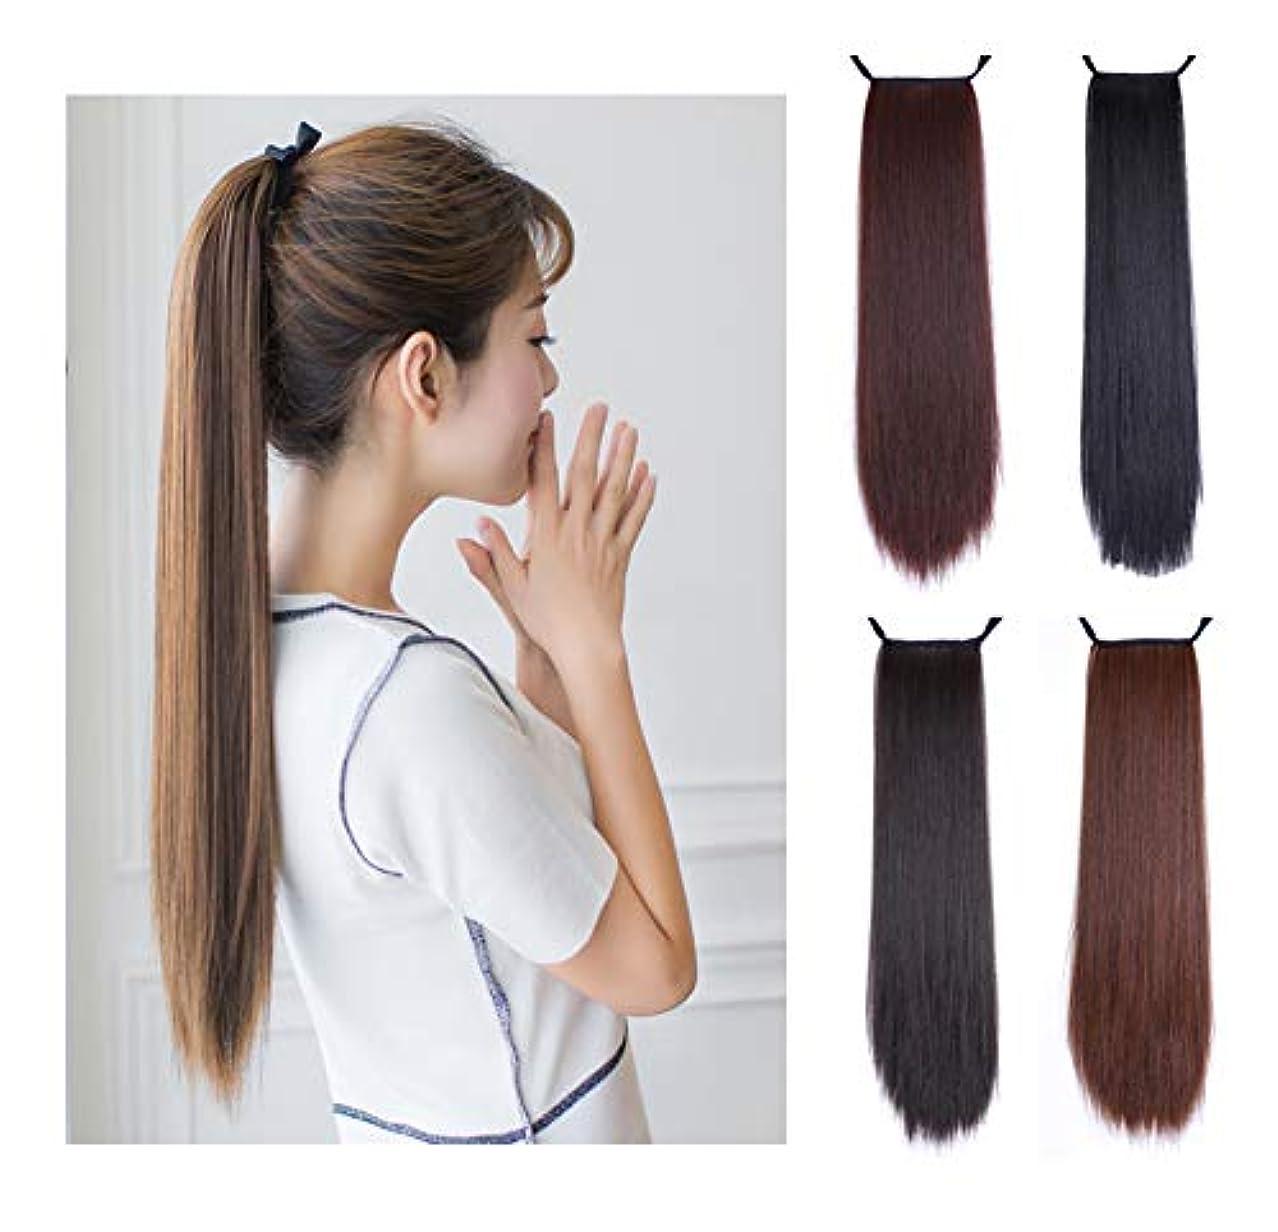 ポニーテール拡張、合成クリップの周りの包帯ラップ、滑らかで耐熱性の長いストレートヘアピース、異なる色